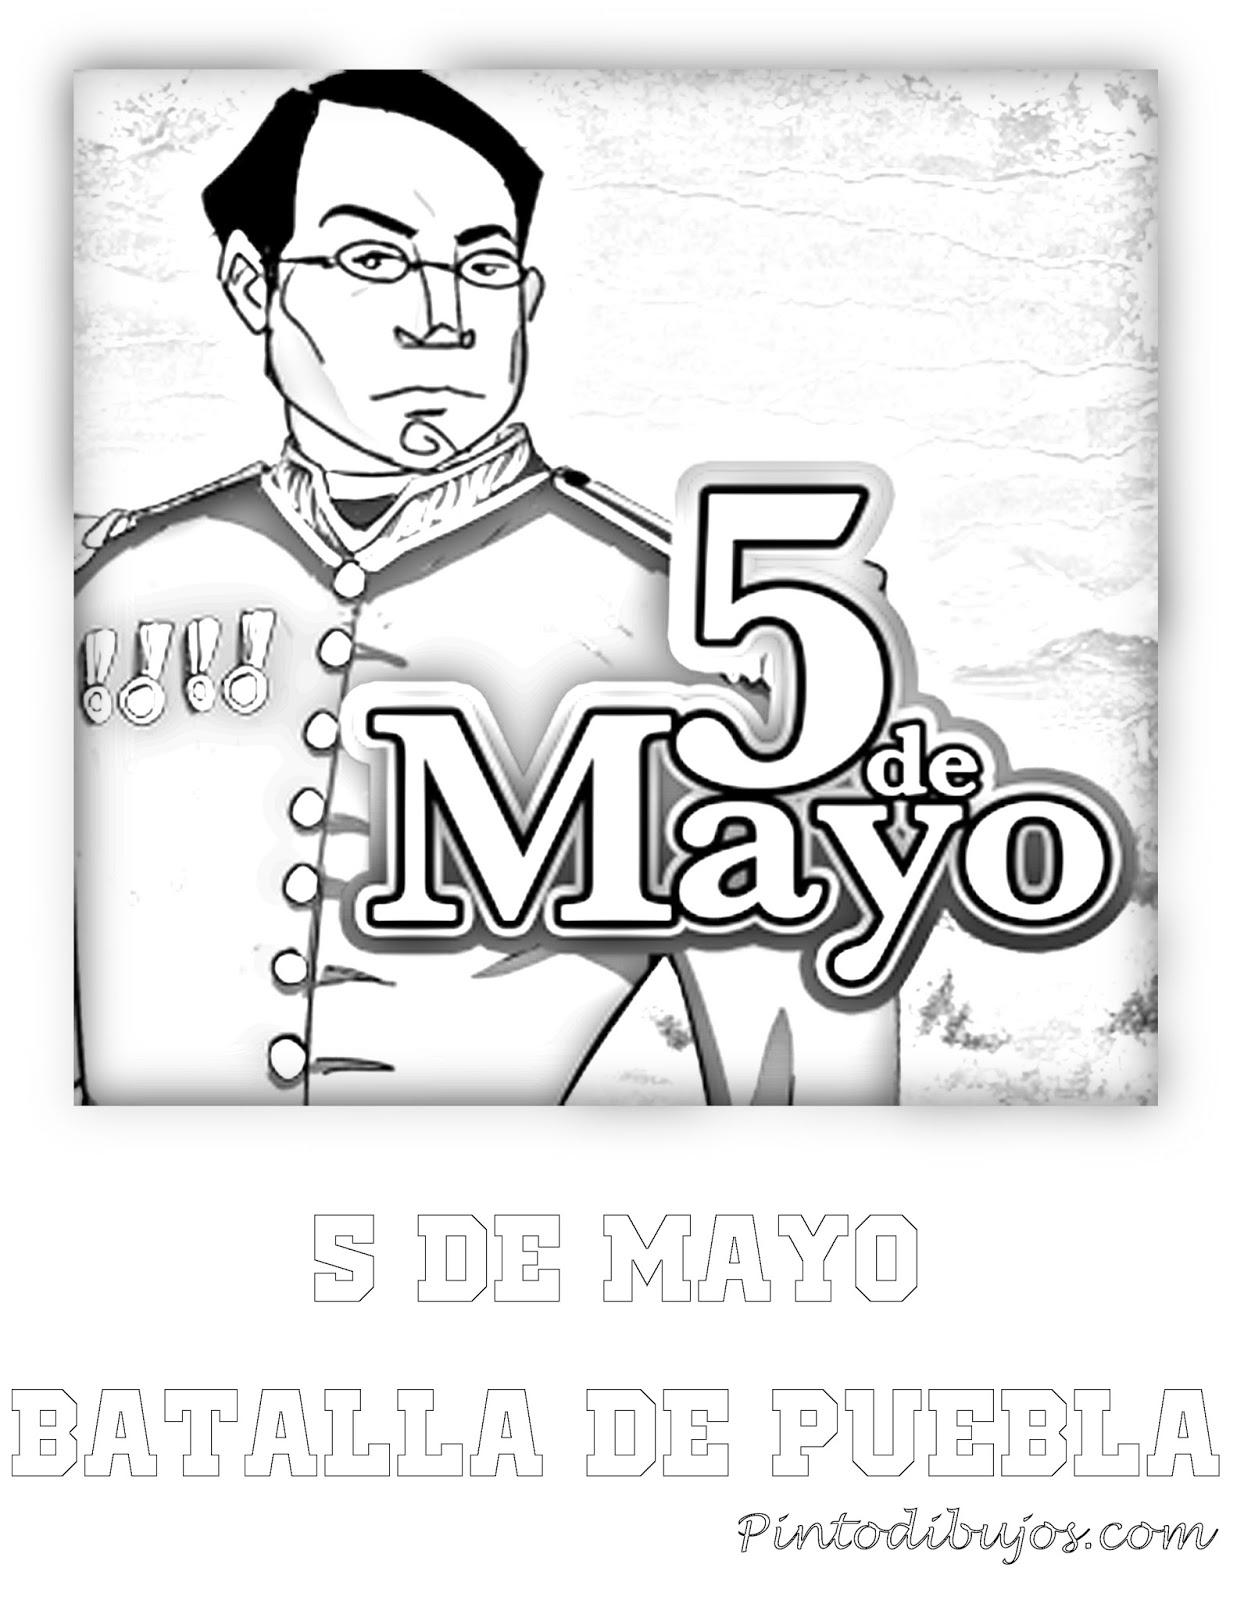 Dibujo del 5 de mayo para colorear | batalla de puebla para colorear